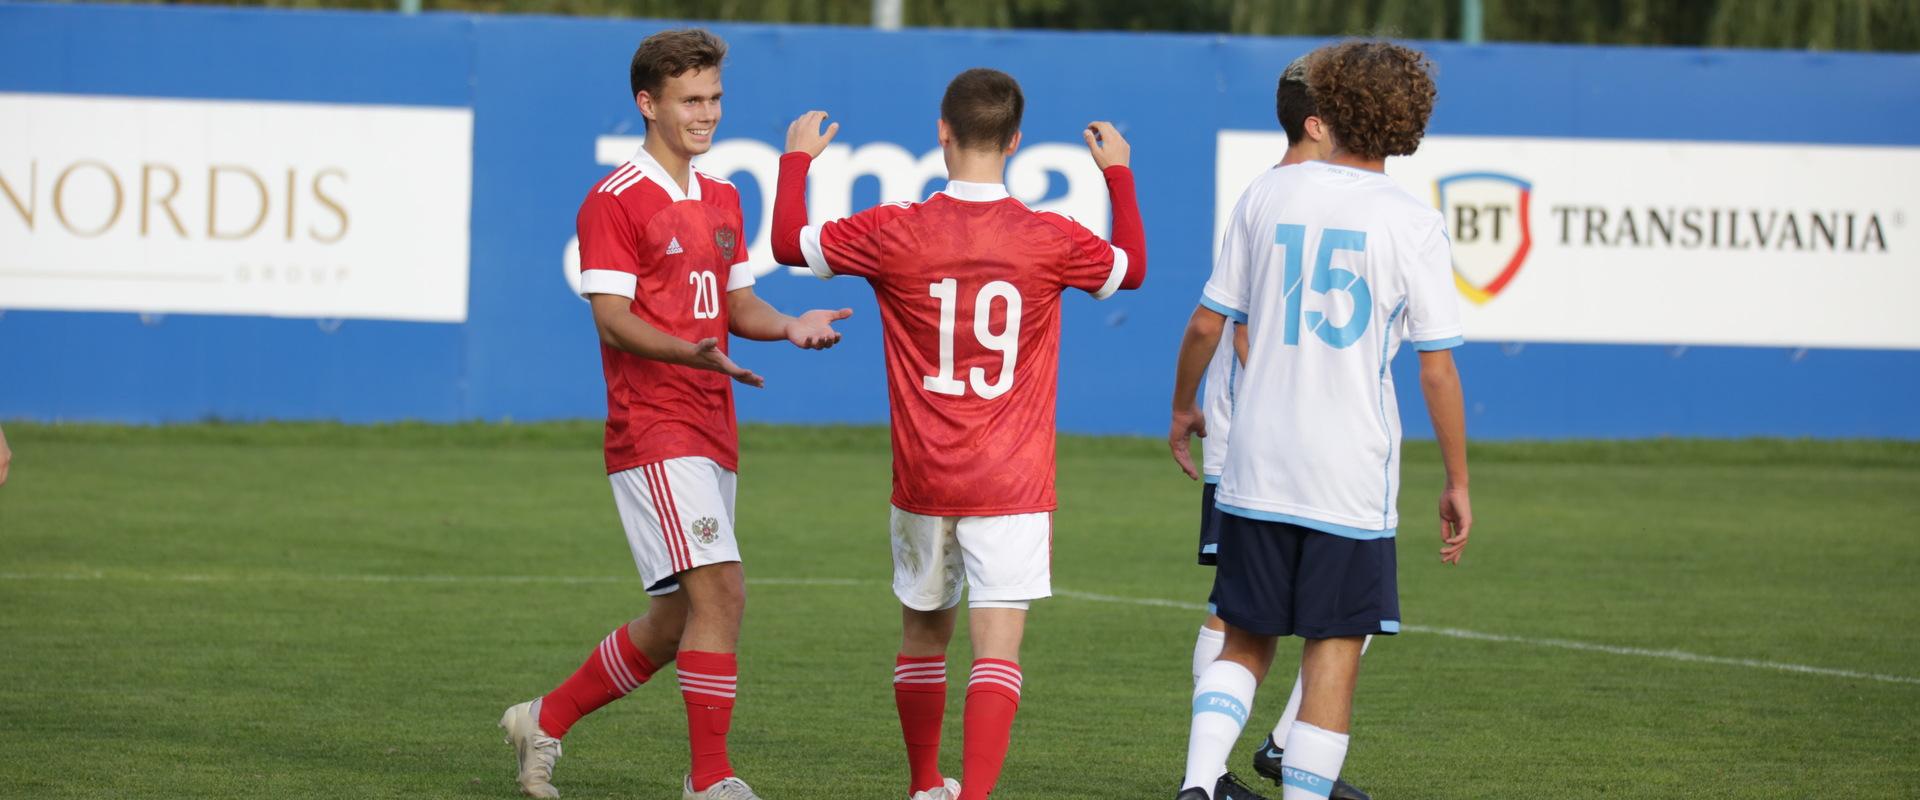 Сборная России - в элитном раунде чемпионата Европы U-17!